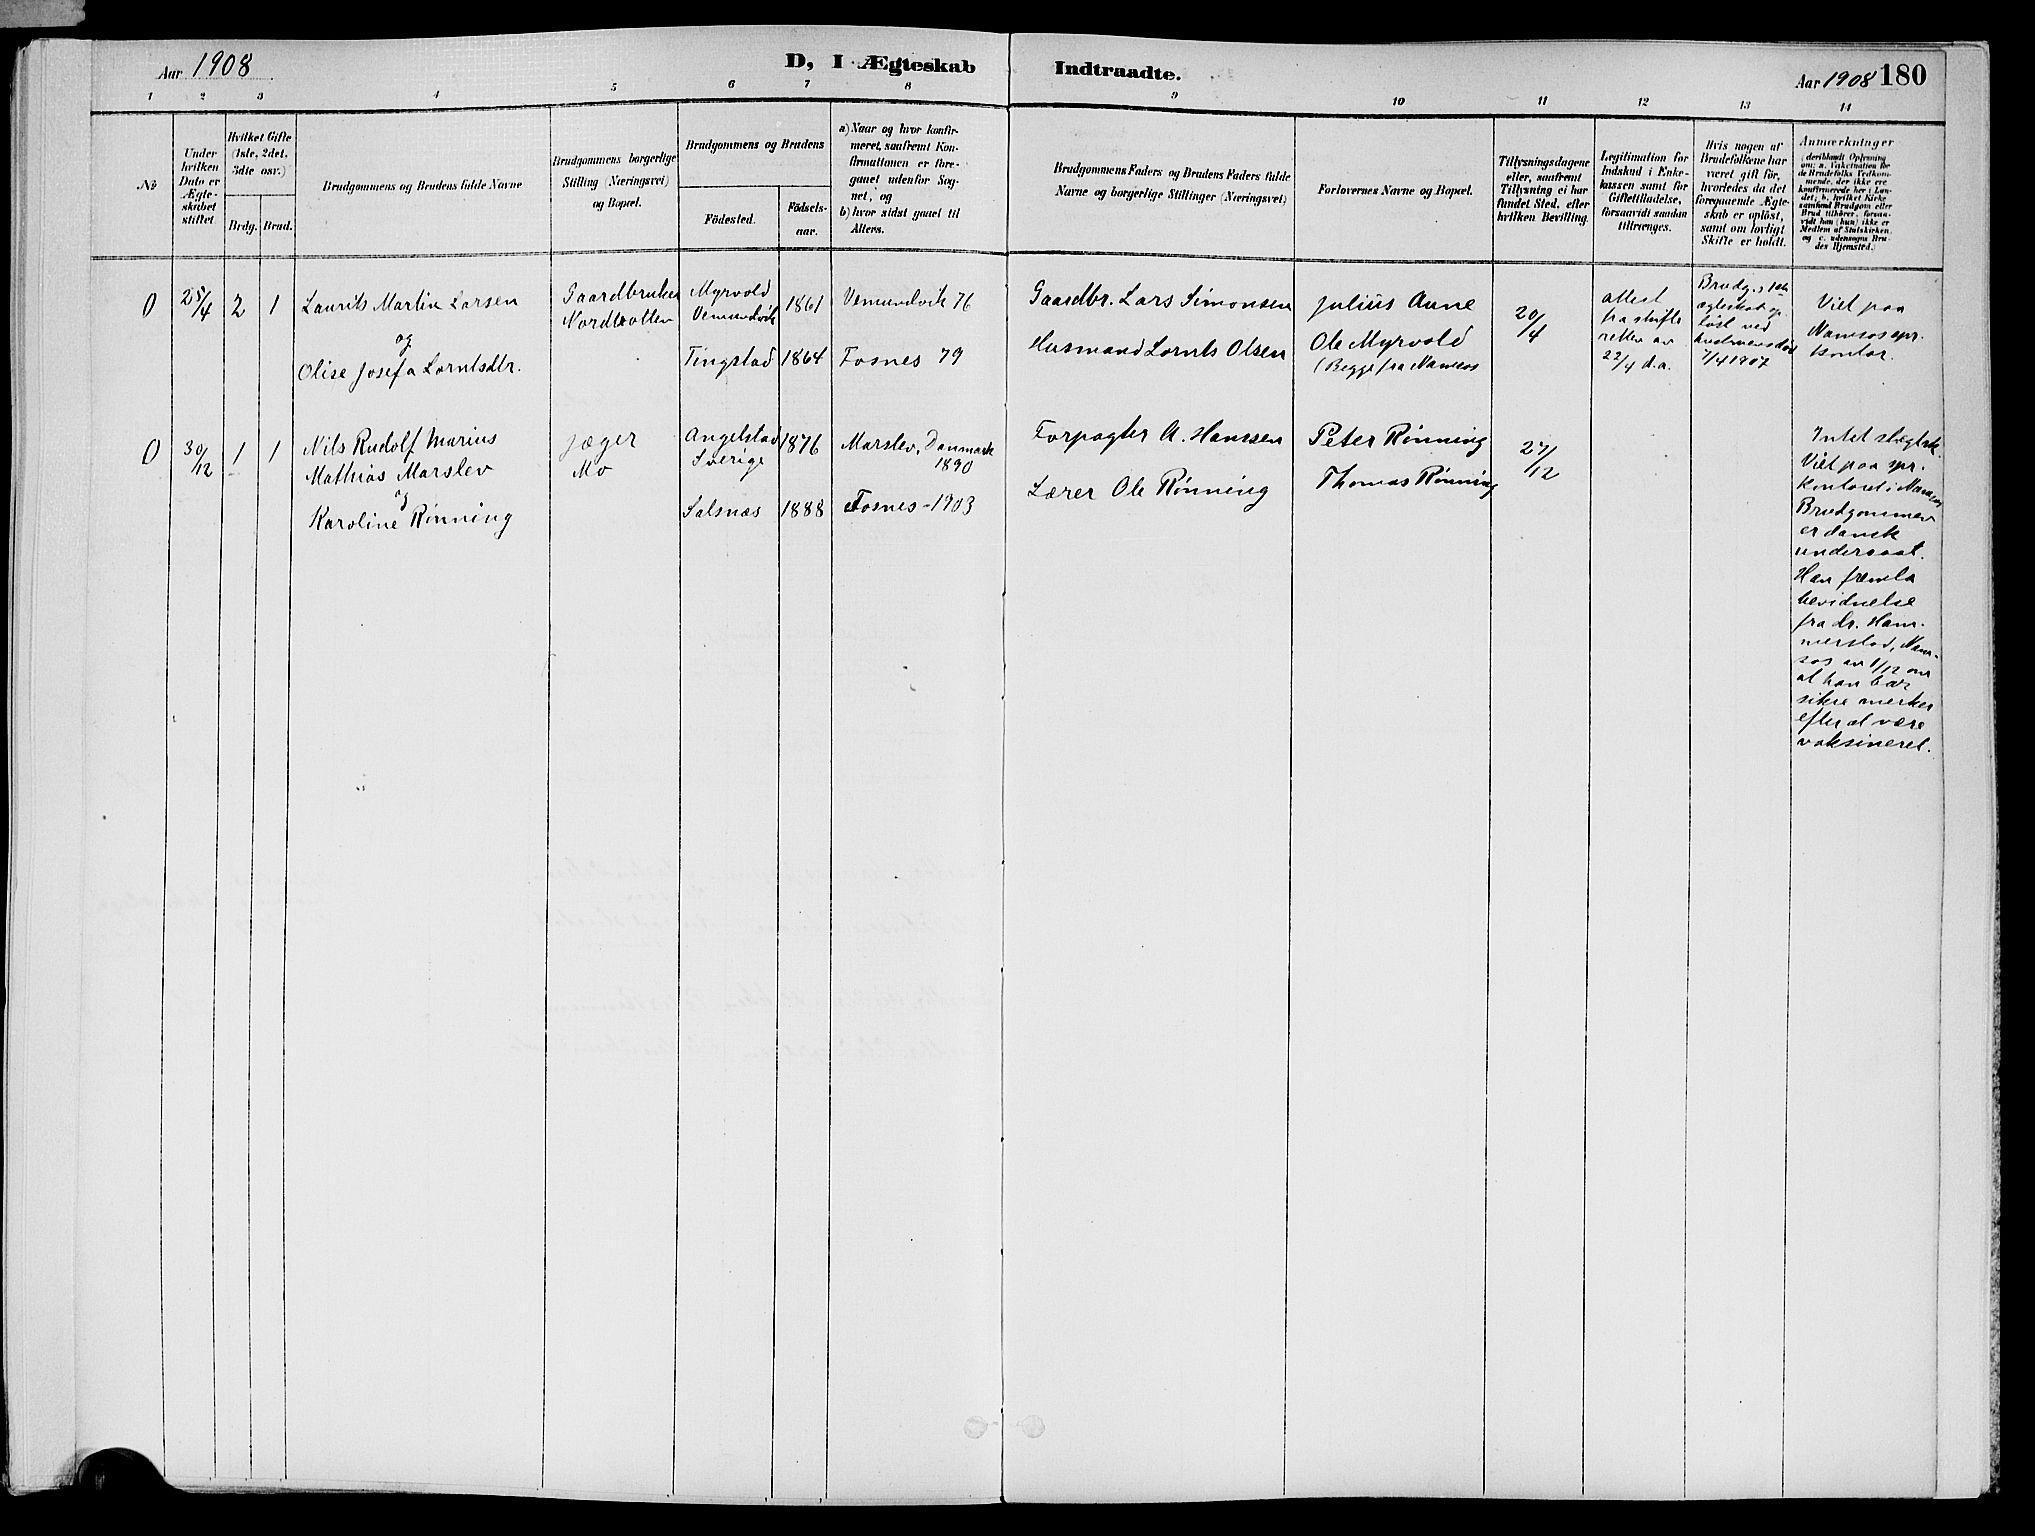 SAT, Ministerialprotokoller, klokkerbøker og fødselsregistre - Nord-Trøndelag, 773/L0617: Ministerialbok nr. 773A08, 1887-1910, s. 180